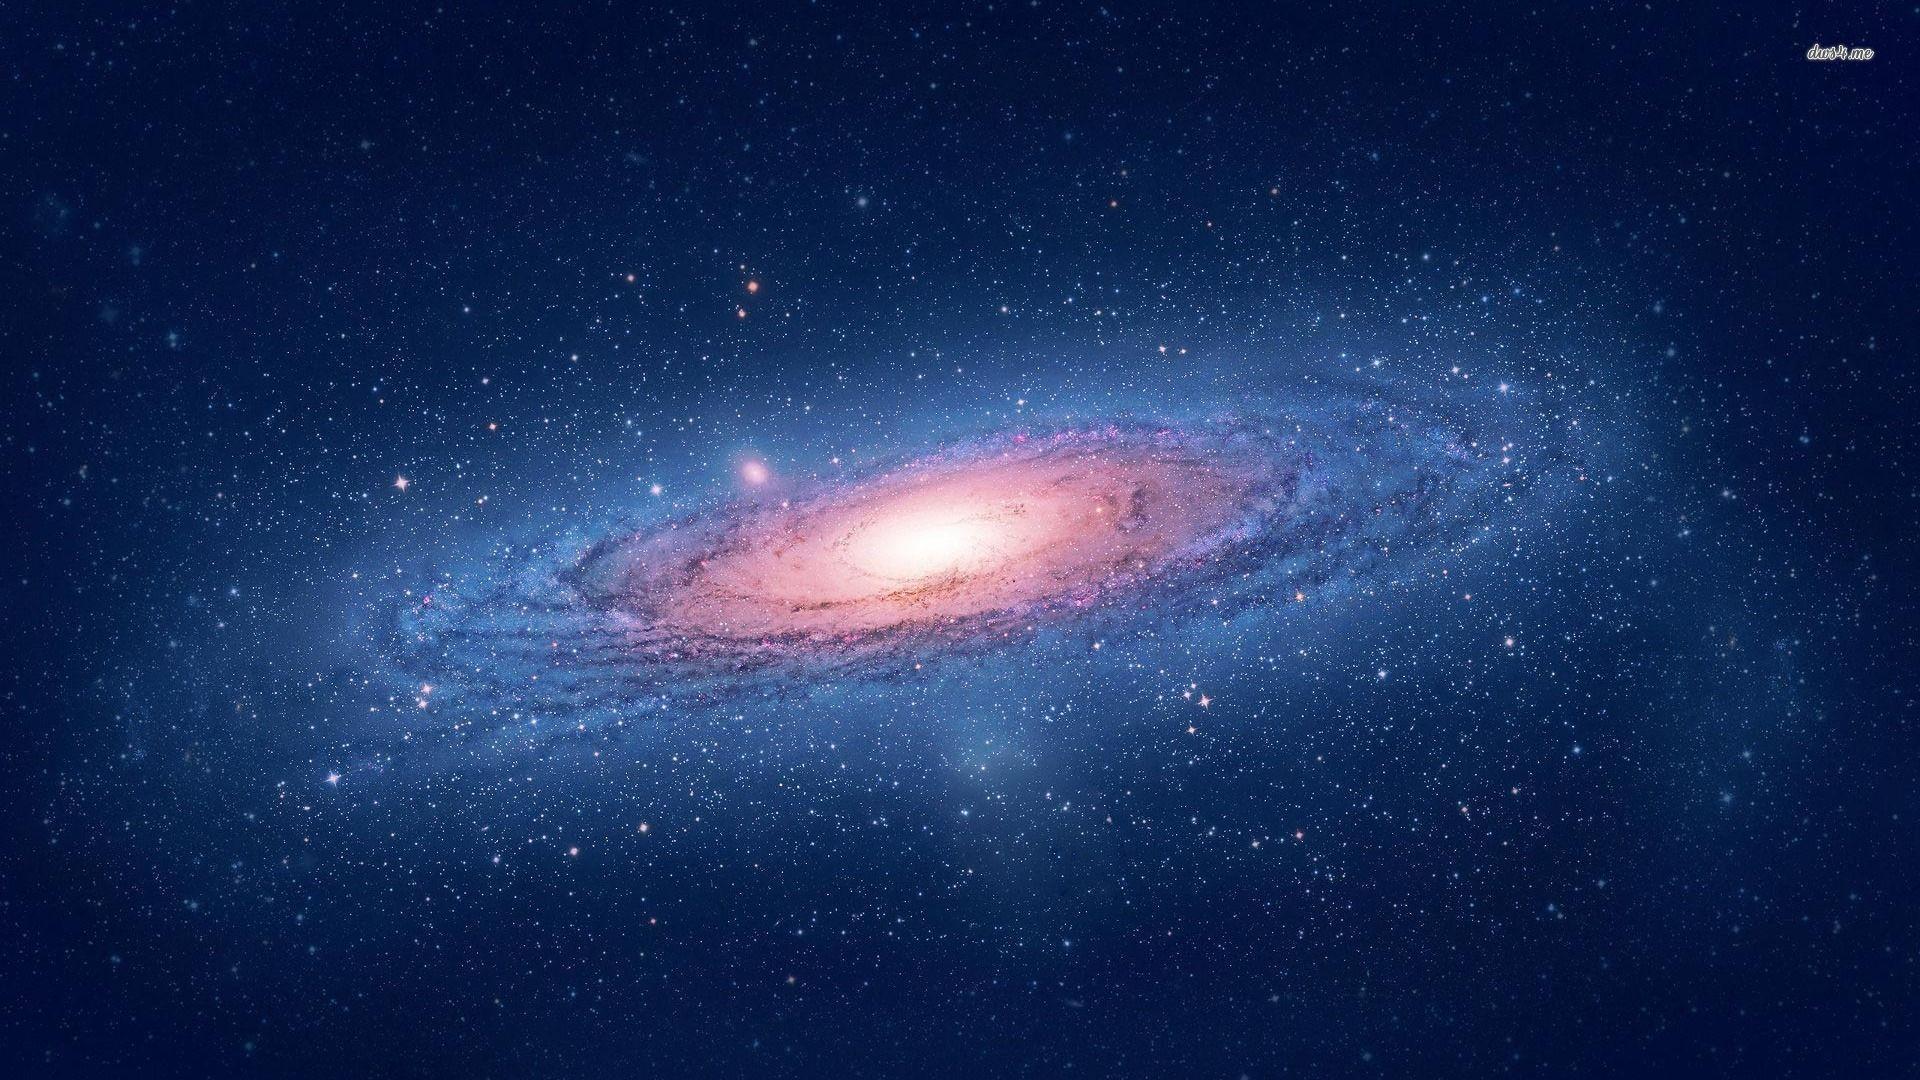 1667 Andromeda Galaxy Nasa 1920x1080 Space Wallpaper